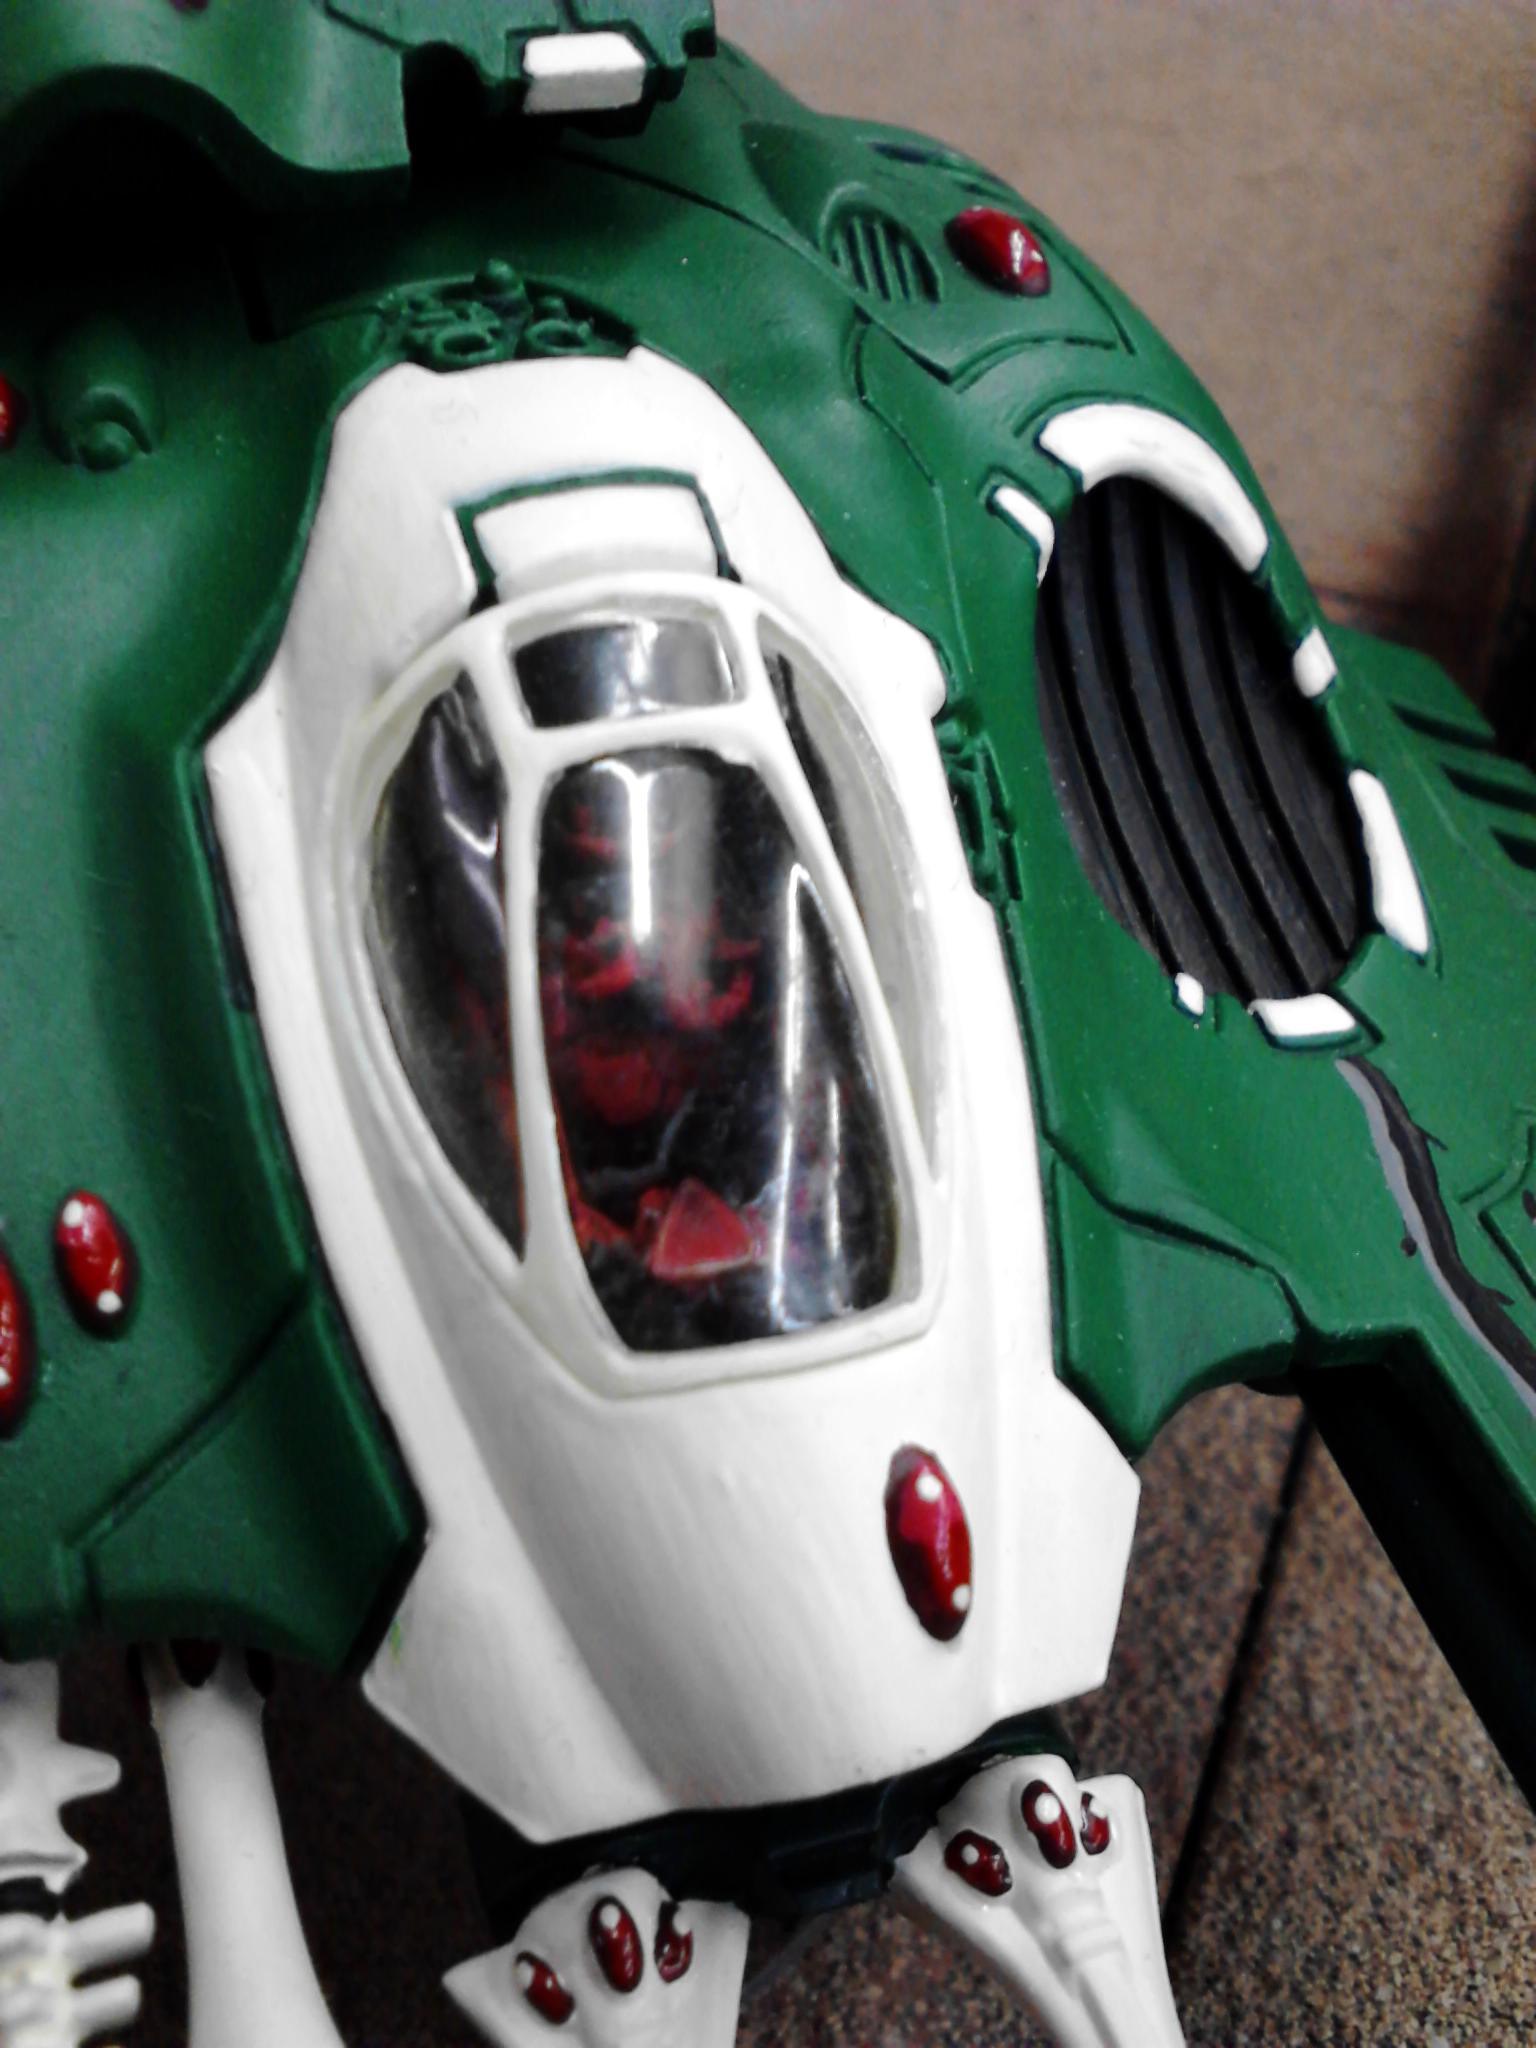 Biel Tan, Cockpit, Eldar, Falcon, Gems, Green, Thorns